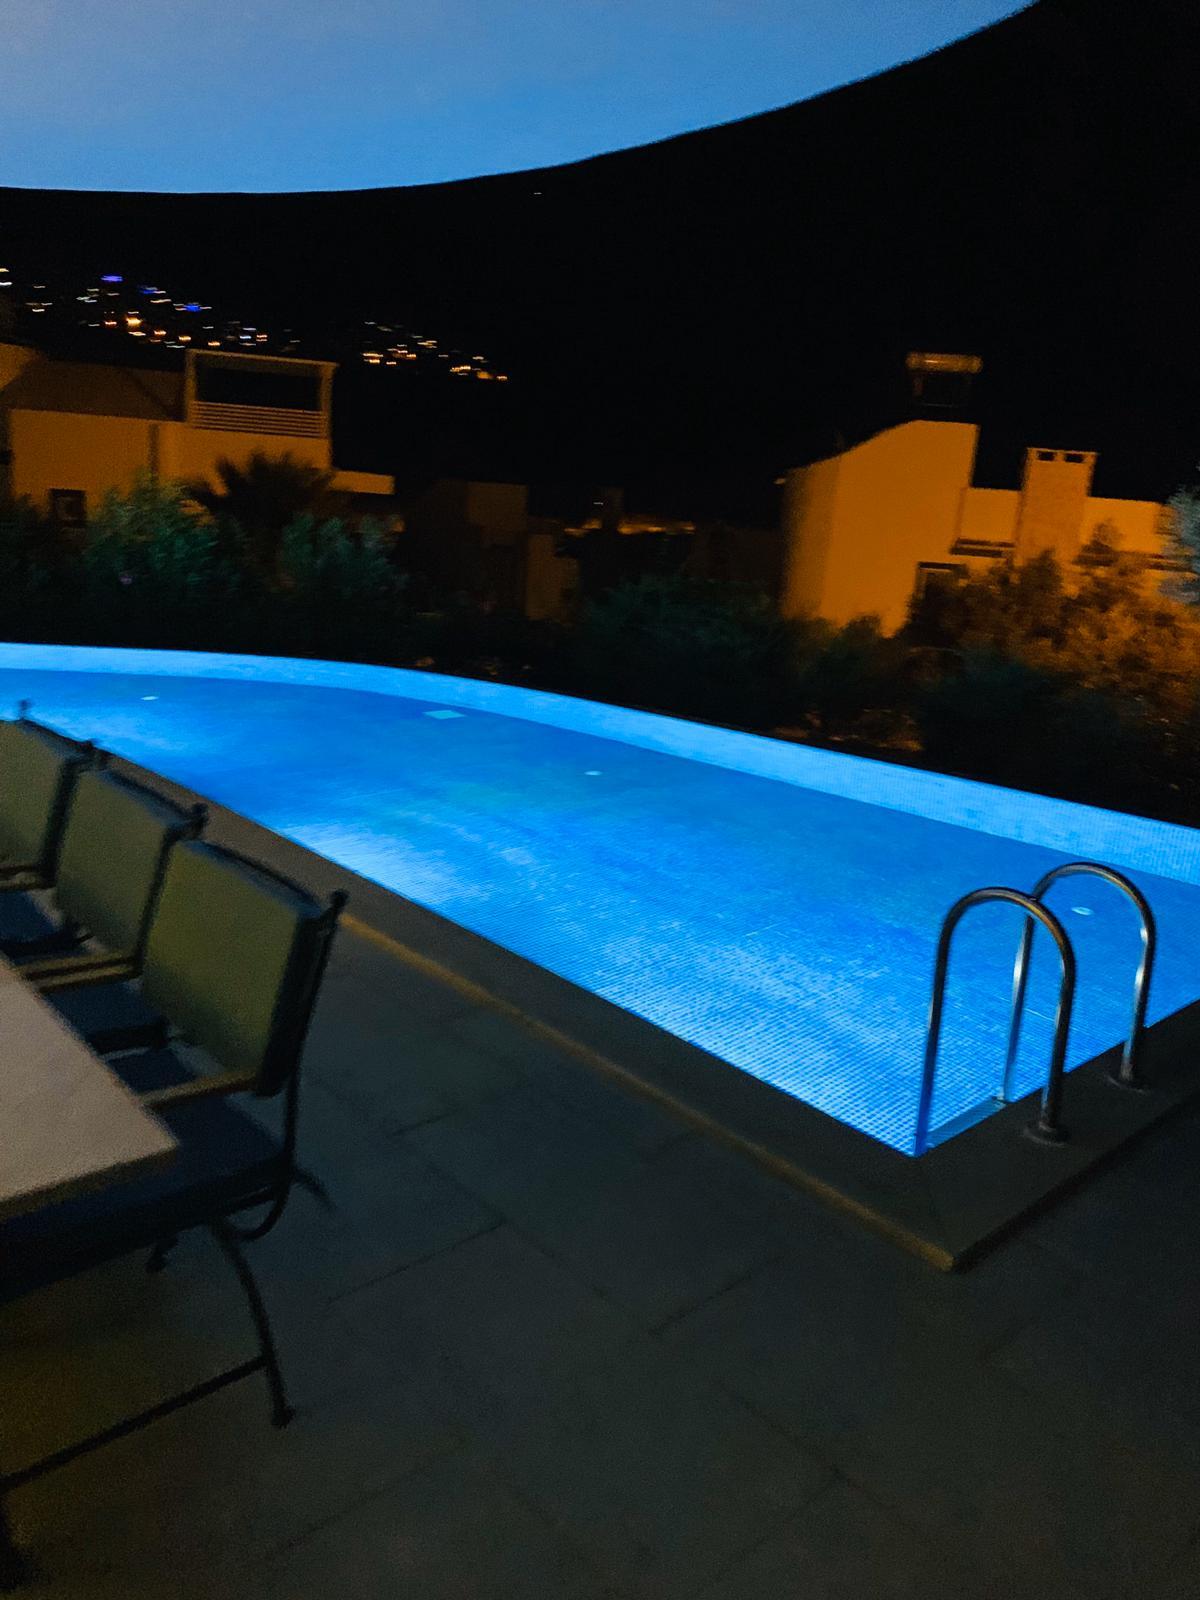 V840 pool at night